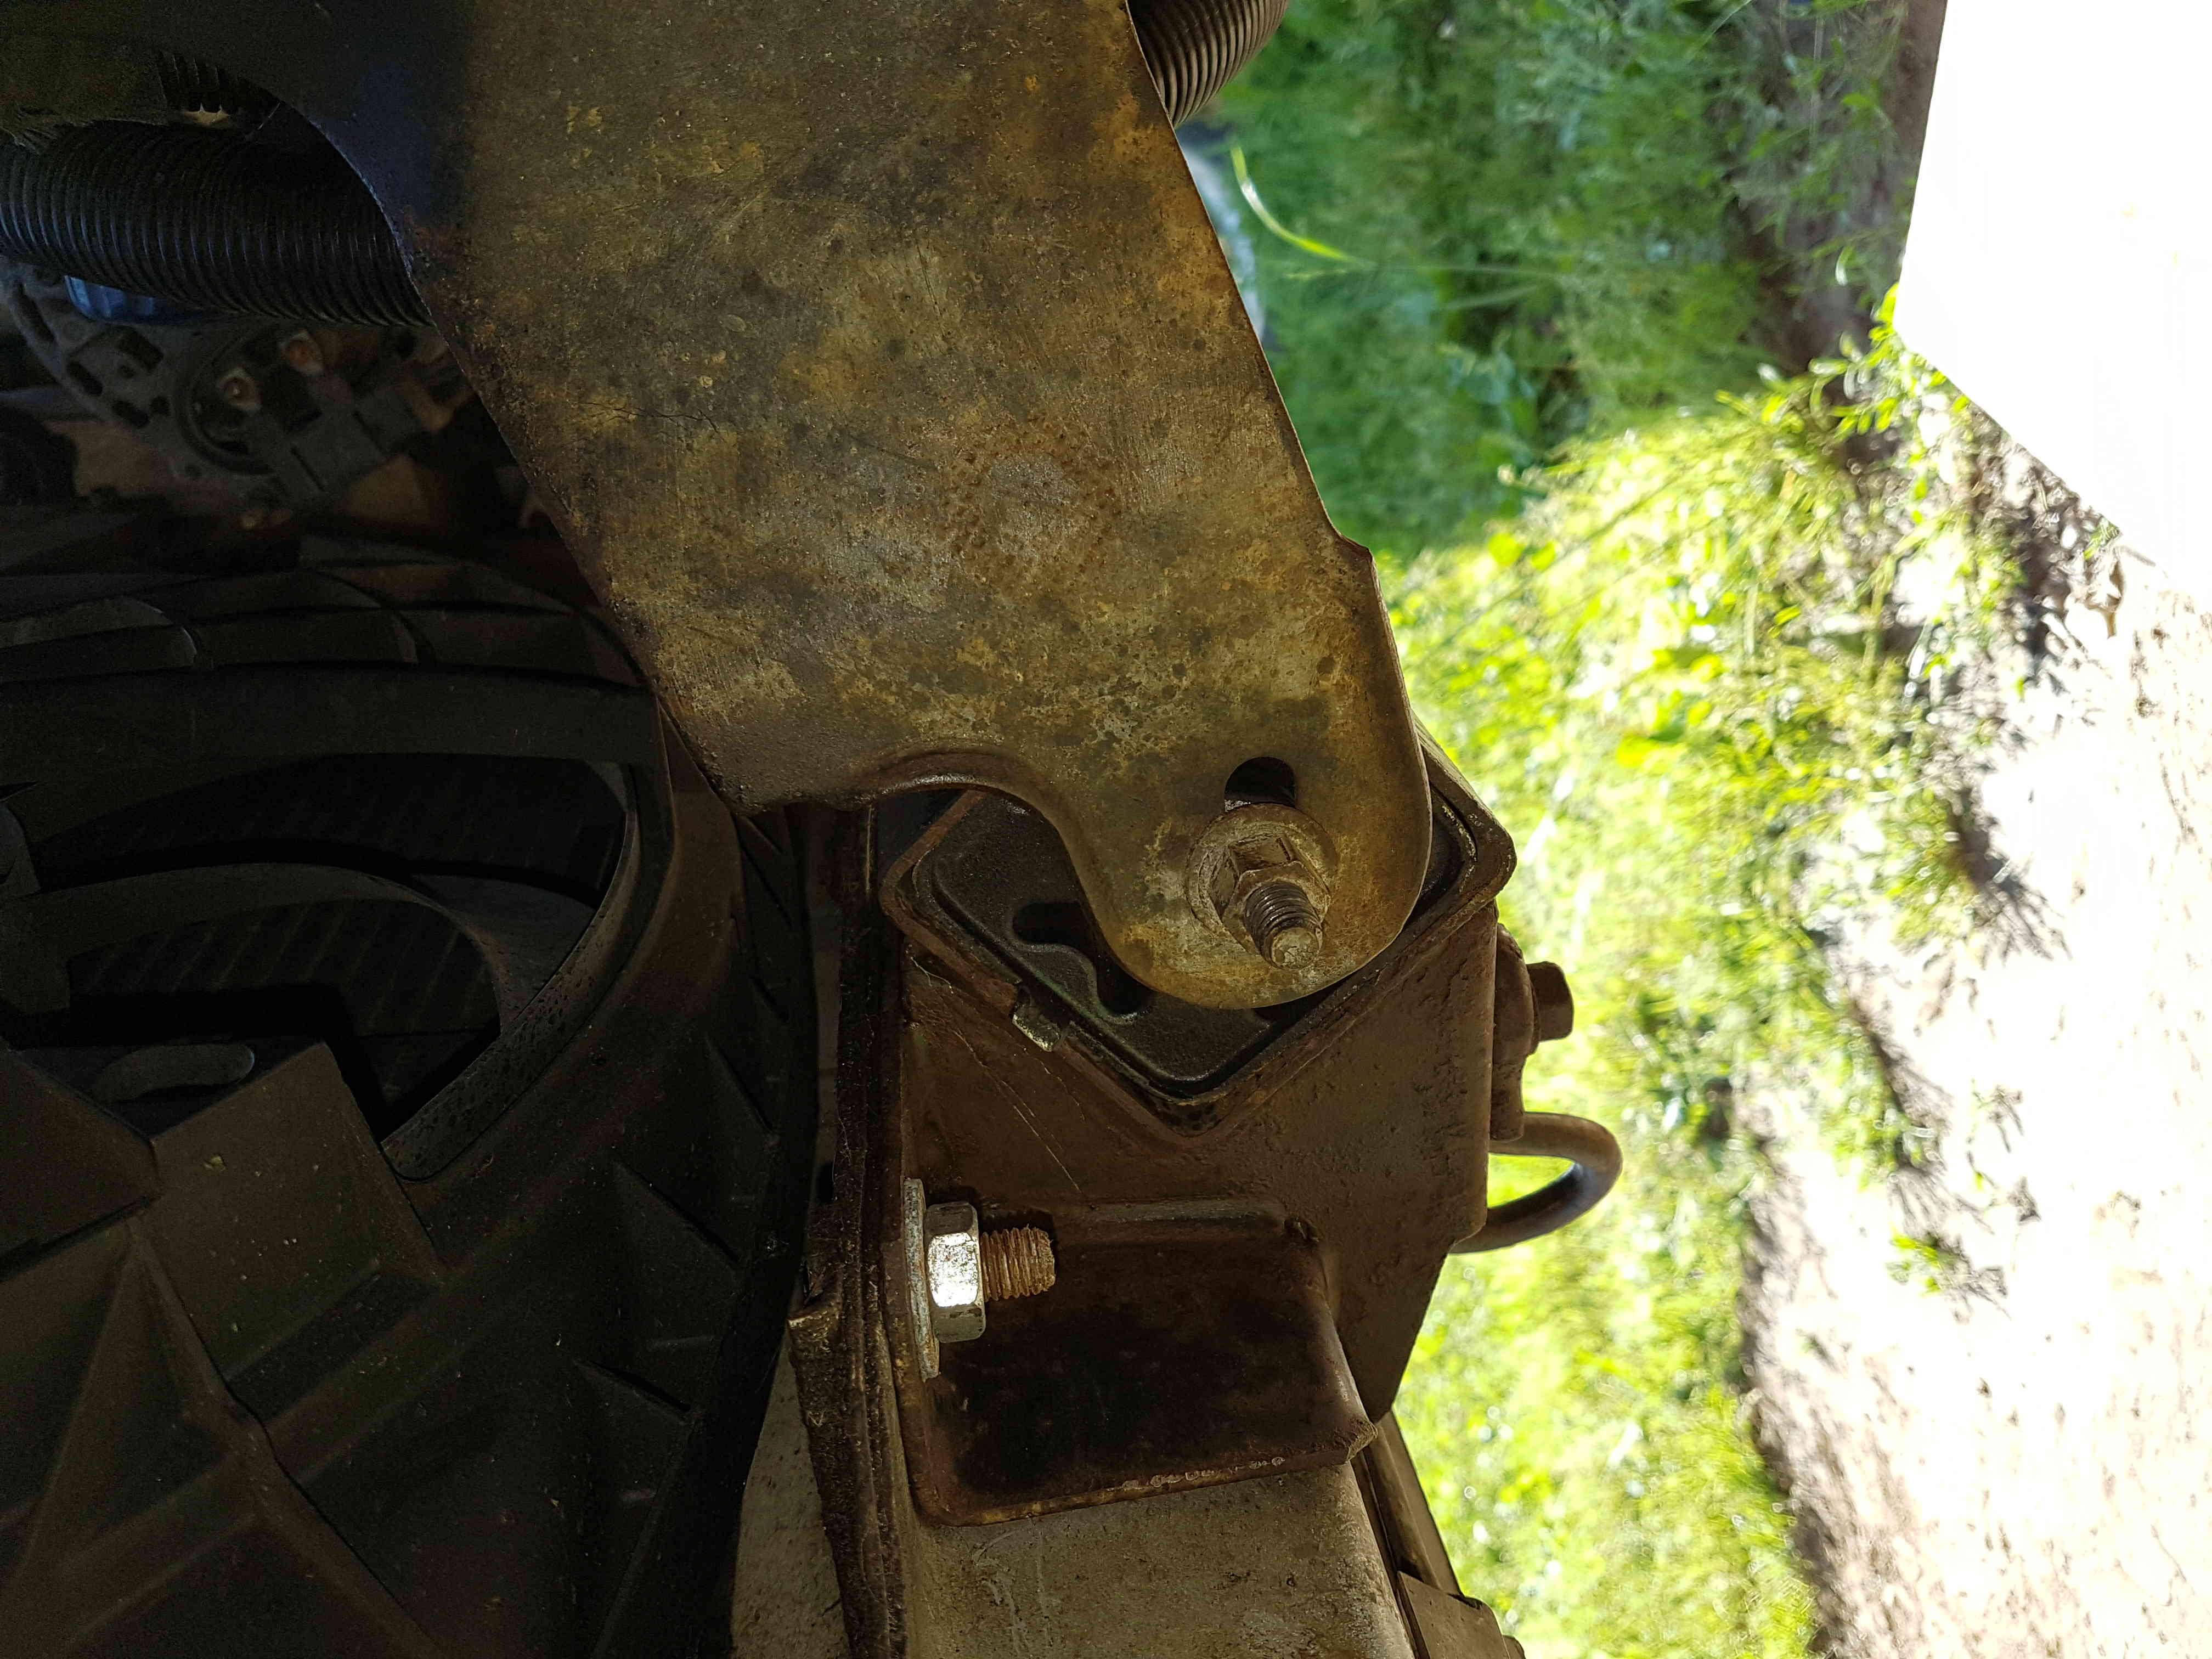 embrayage et étanchéité entre boite et moteur 2,5L essence 1995 20180523